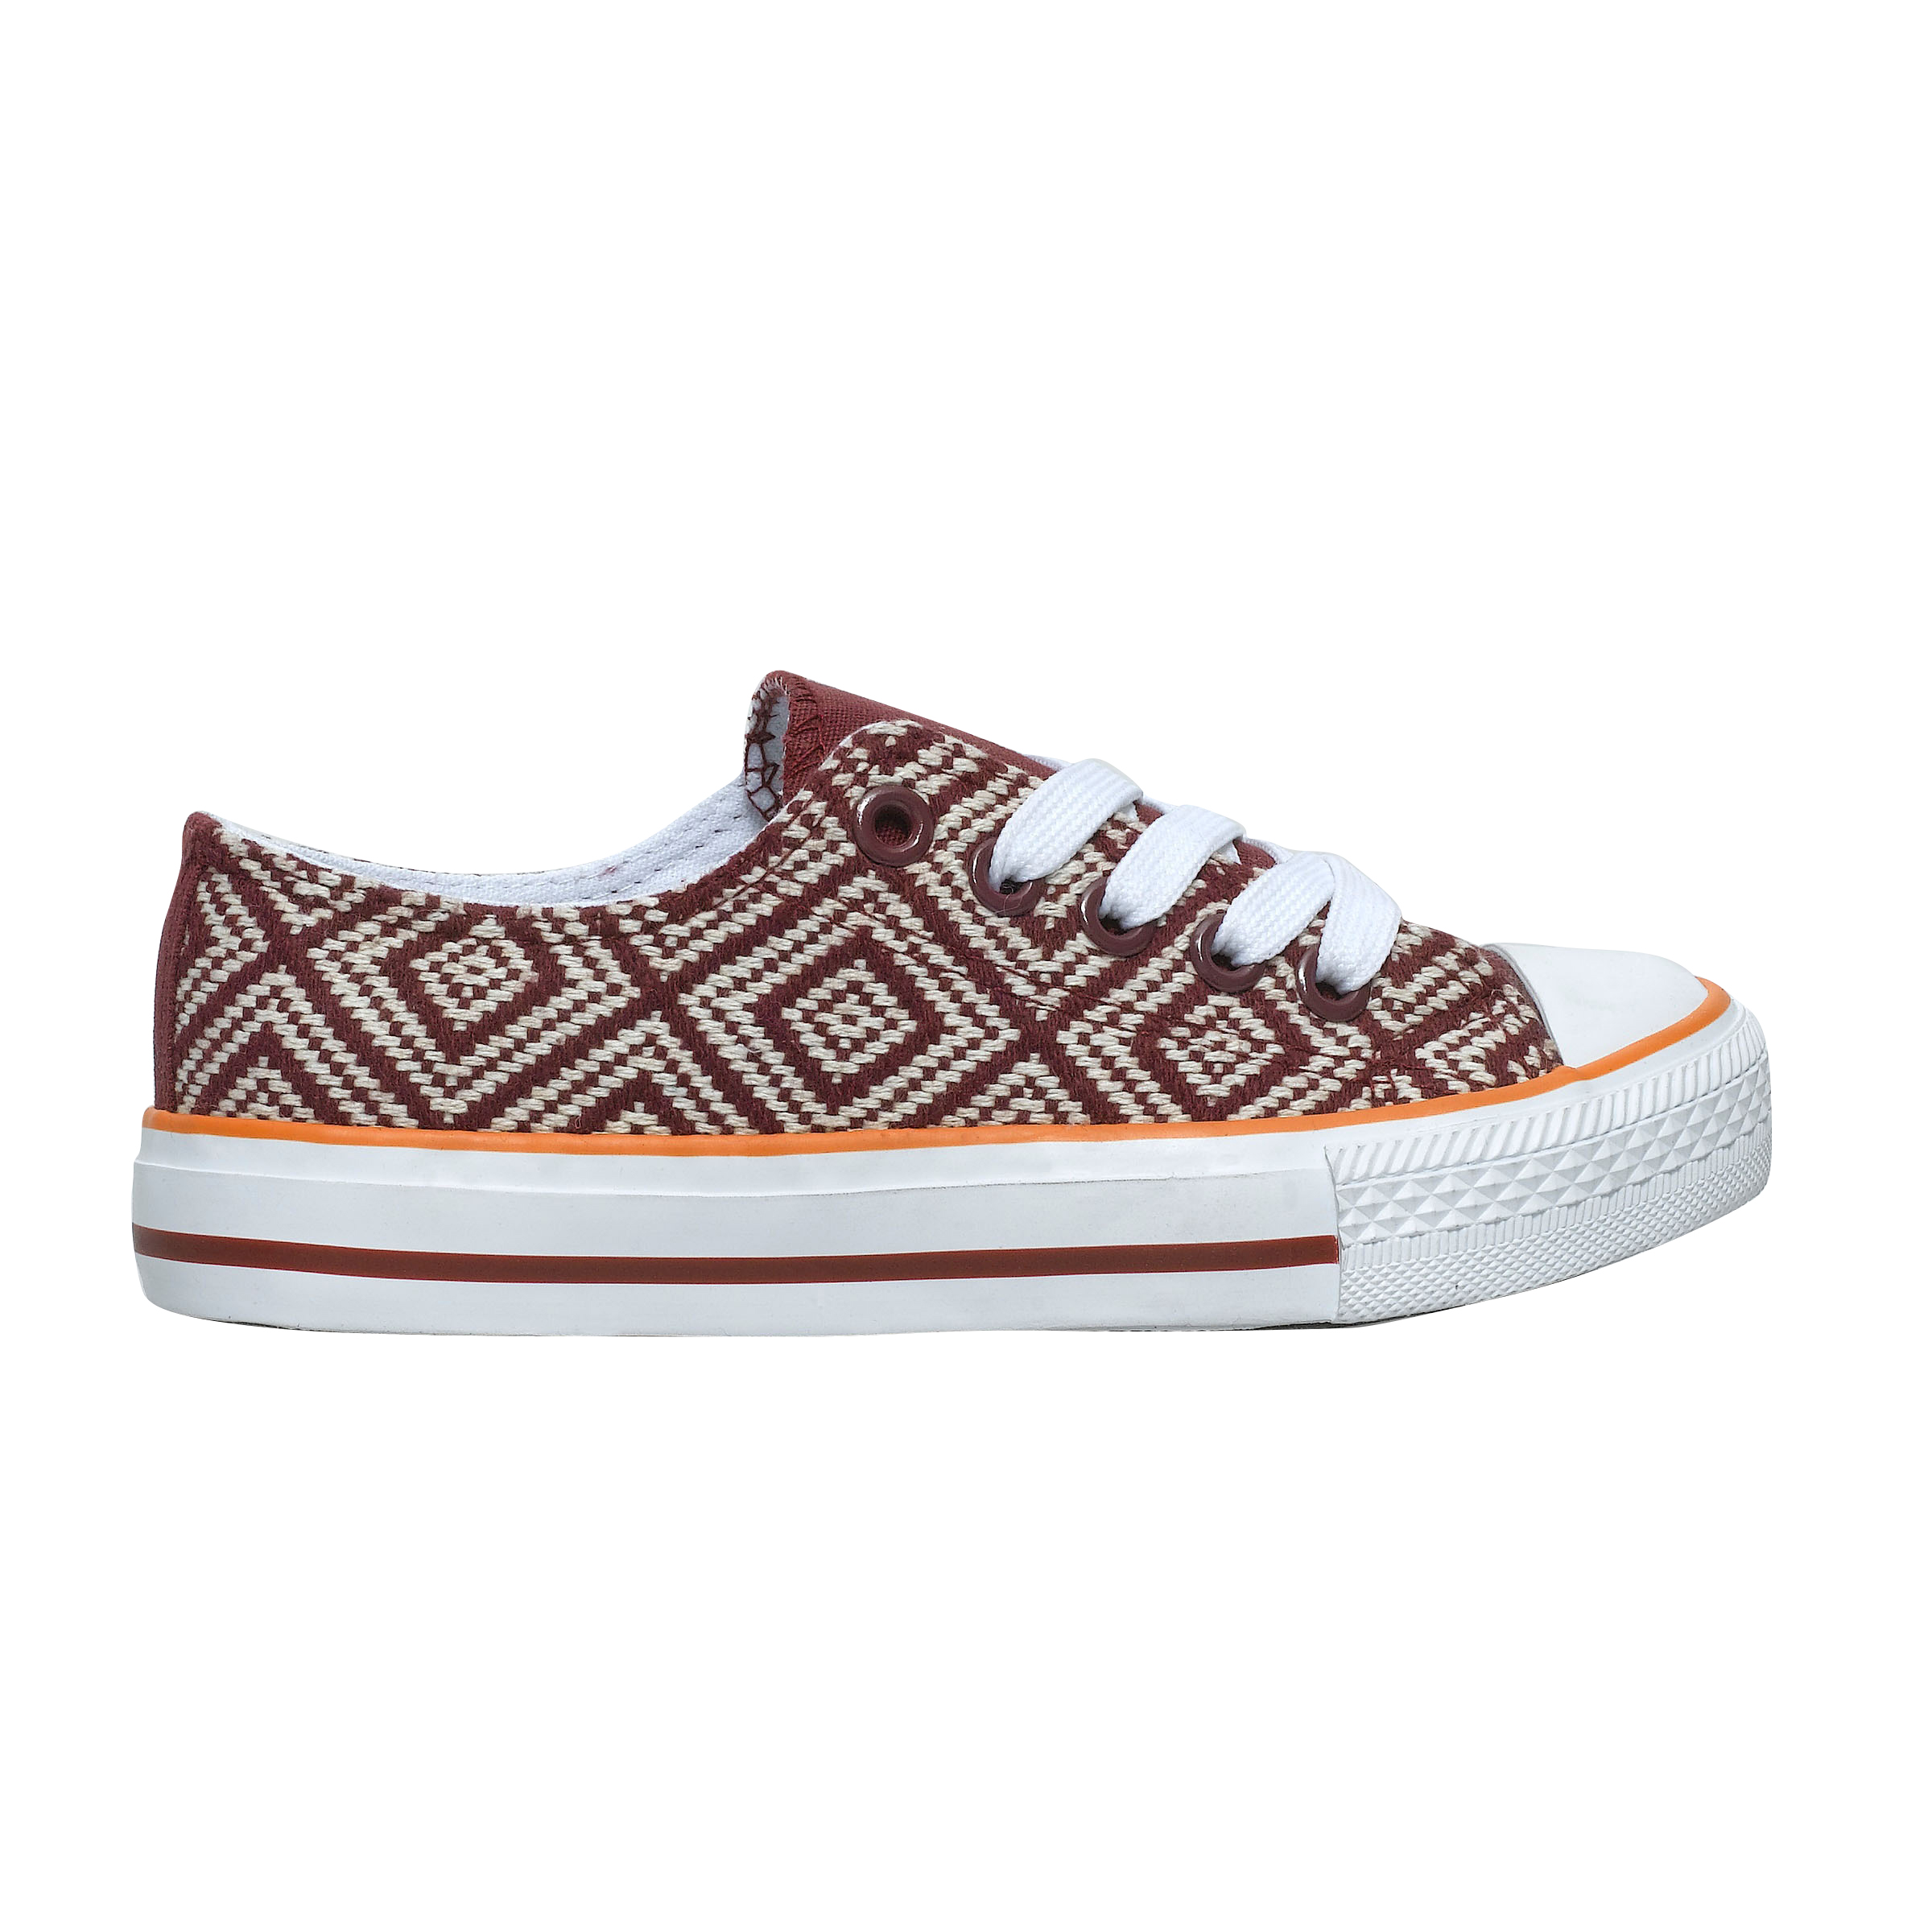 des tendance Rentrée chaussures pour classes30 enfant rCoxBed